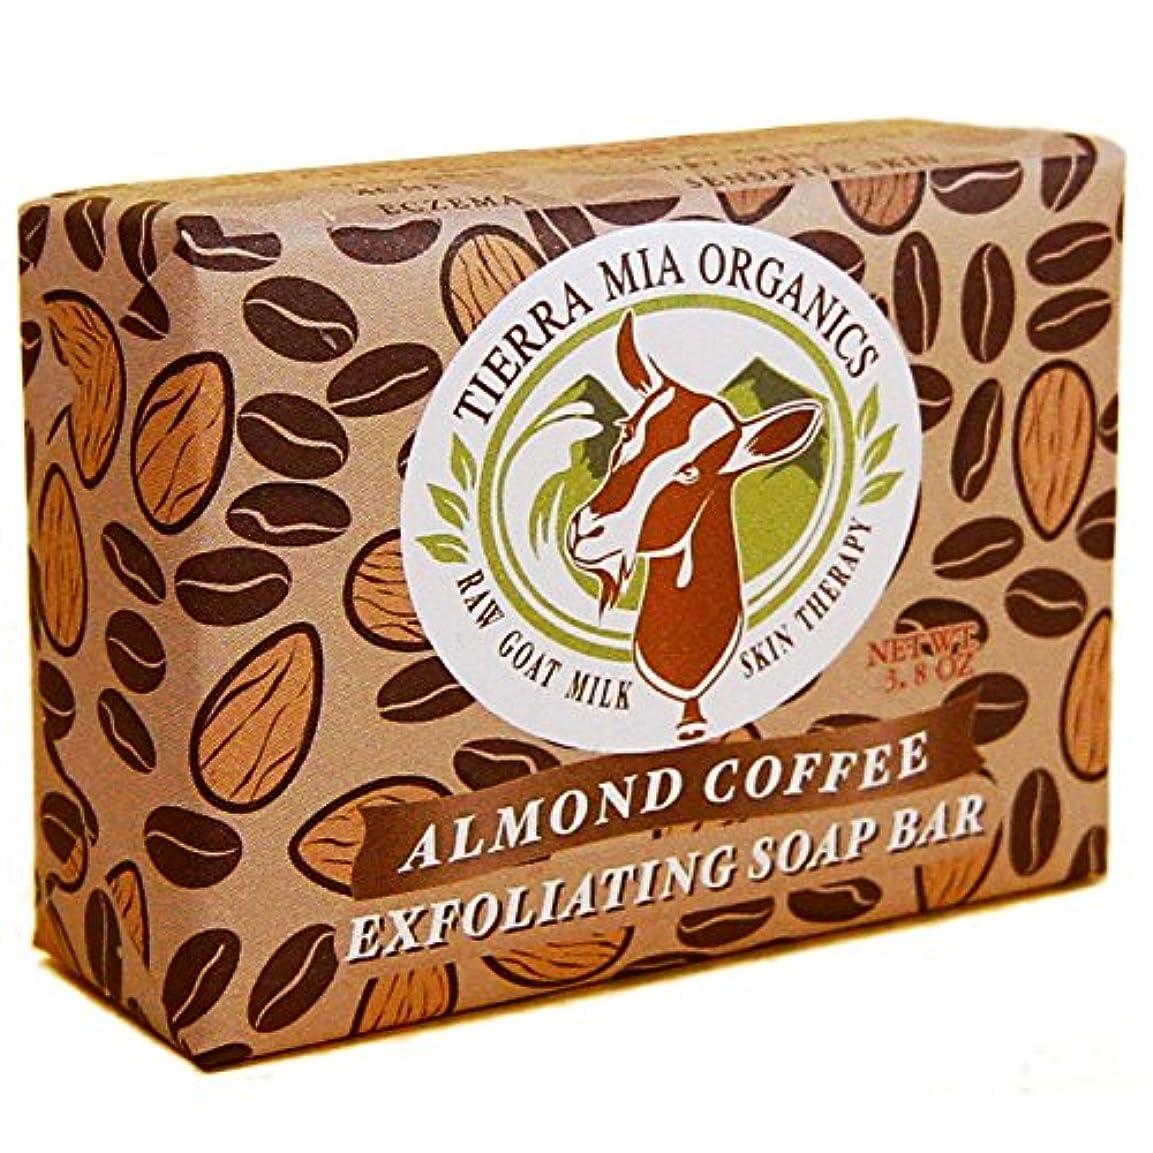 図含むスマッシュTierra Mia Organics, Raw Goat Milk Skin Therapy, Exfoliating Soap Bar, Almond Coffee, 3.8 oz